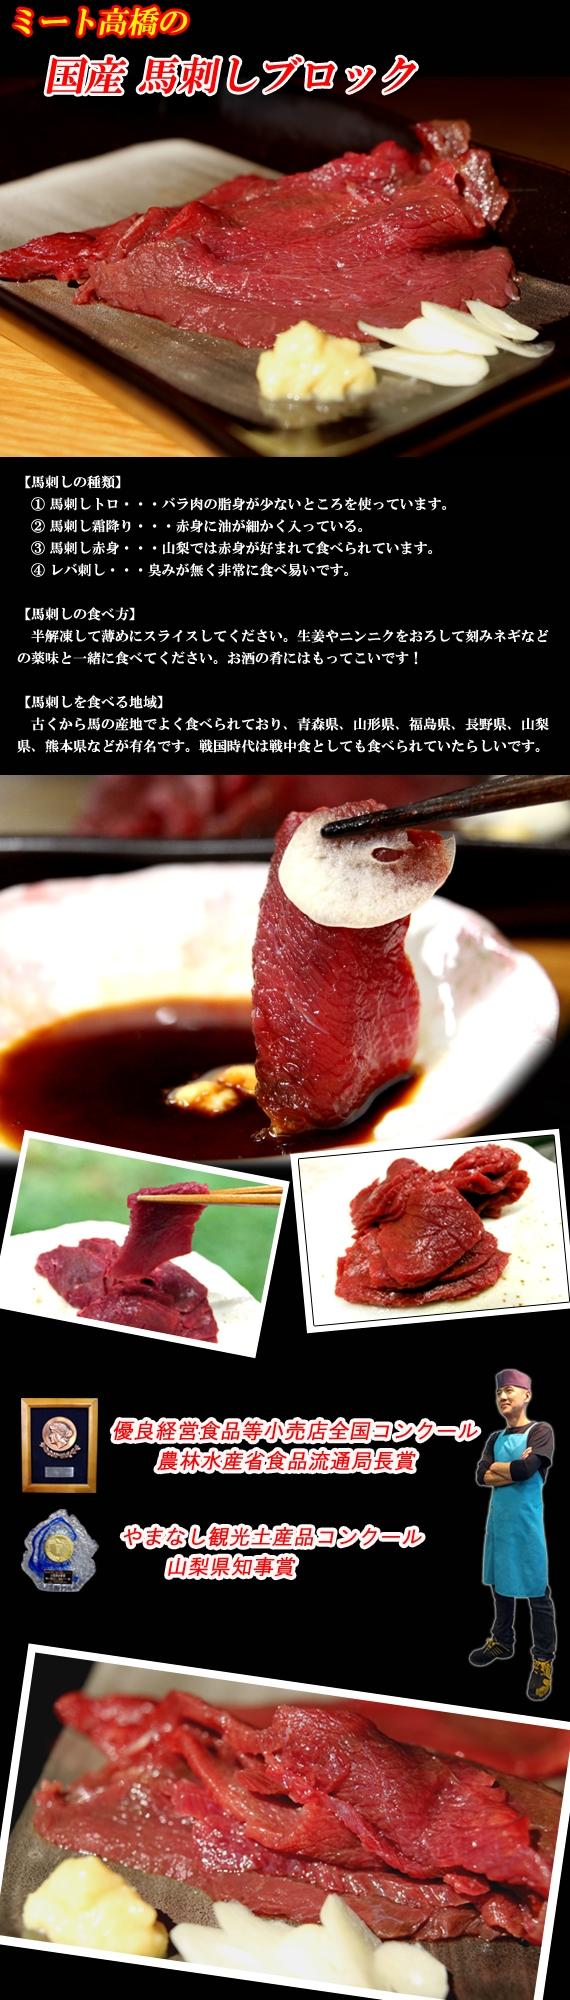 【冷凍品】馬刺し赤身ブロック 300g ブロック☆【お中元2020】【精肉・肉加工品】